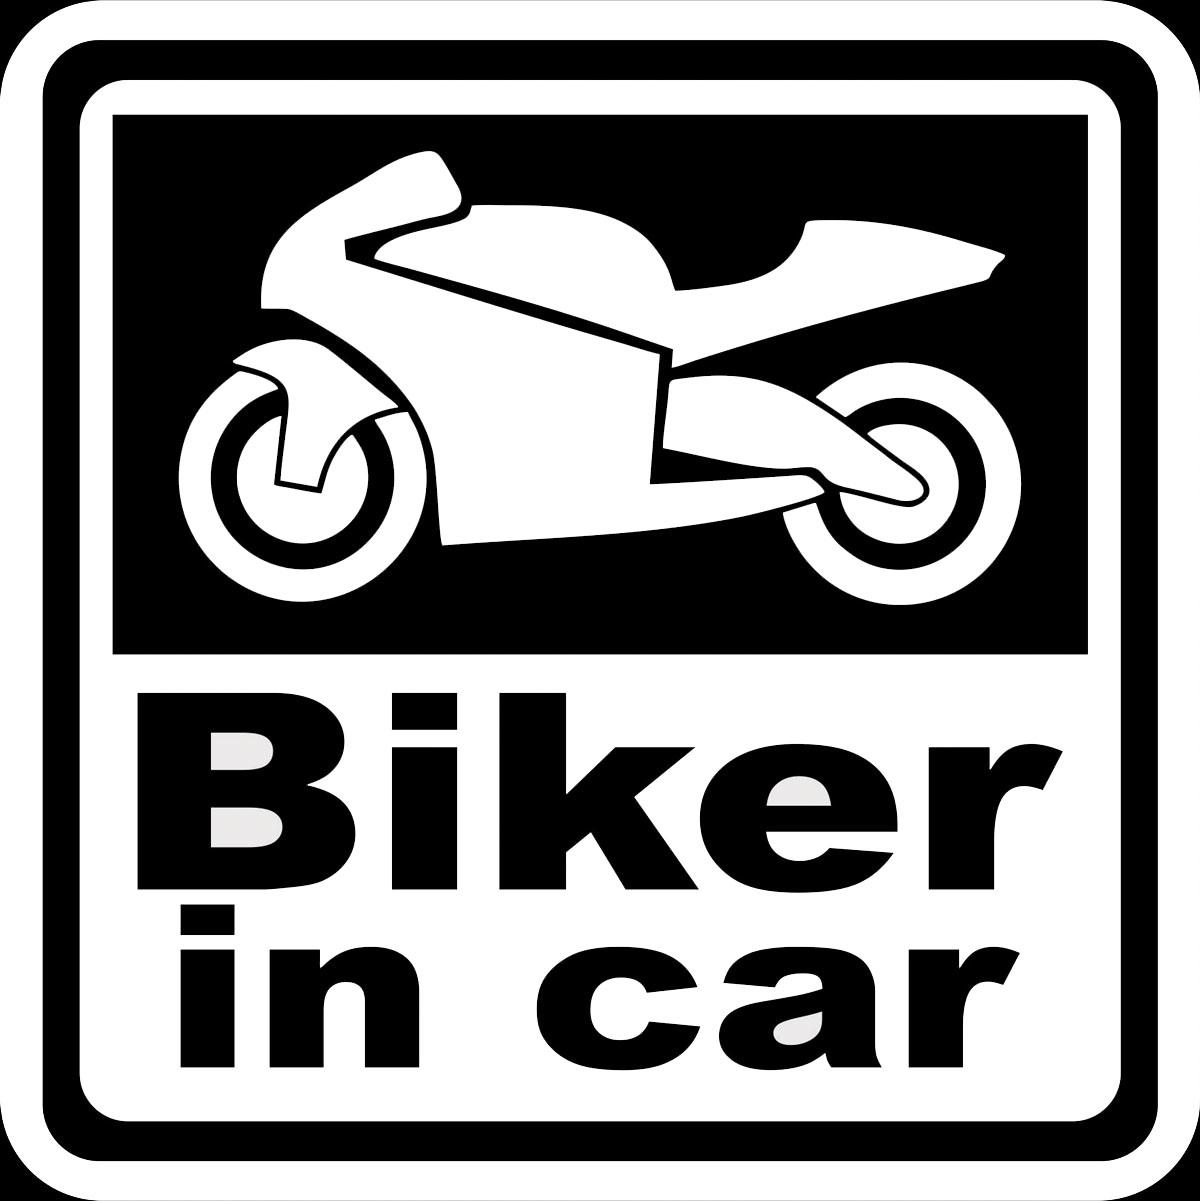 Наклейка автомобильная Оранжевый слоник Biker in Car, виниловая, цвет: белый150MT00021WОригинальная наклейка Оранжевый слоник Biker in Car изготовлена из высококачественной виниловой пленки, которая выполняет не только декоративную функцию, но и защищает кузов автомобиля от небольших механических повреждений, либо скрывает уже существующие.Виниловые наклейки на автомобиль - это не только красиво, но еще и быстро! Всего за несколько минут вы можете полностью преобразить свой автомобиль, сделать его ярким, необычным, особенным и неповторимым!